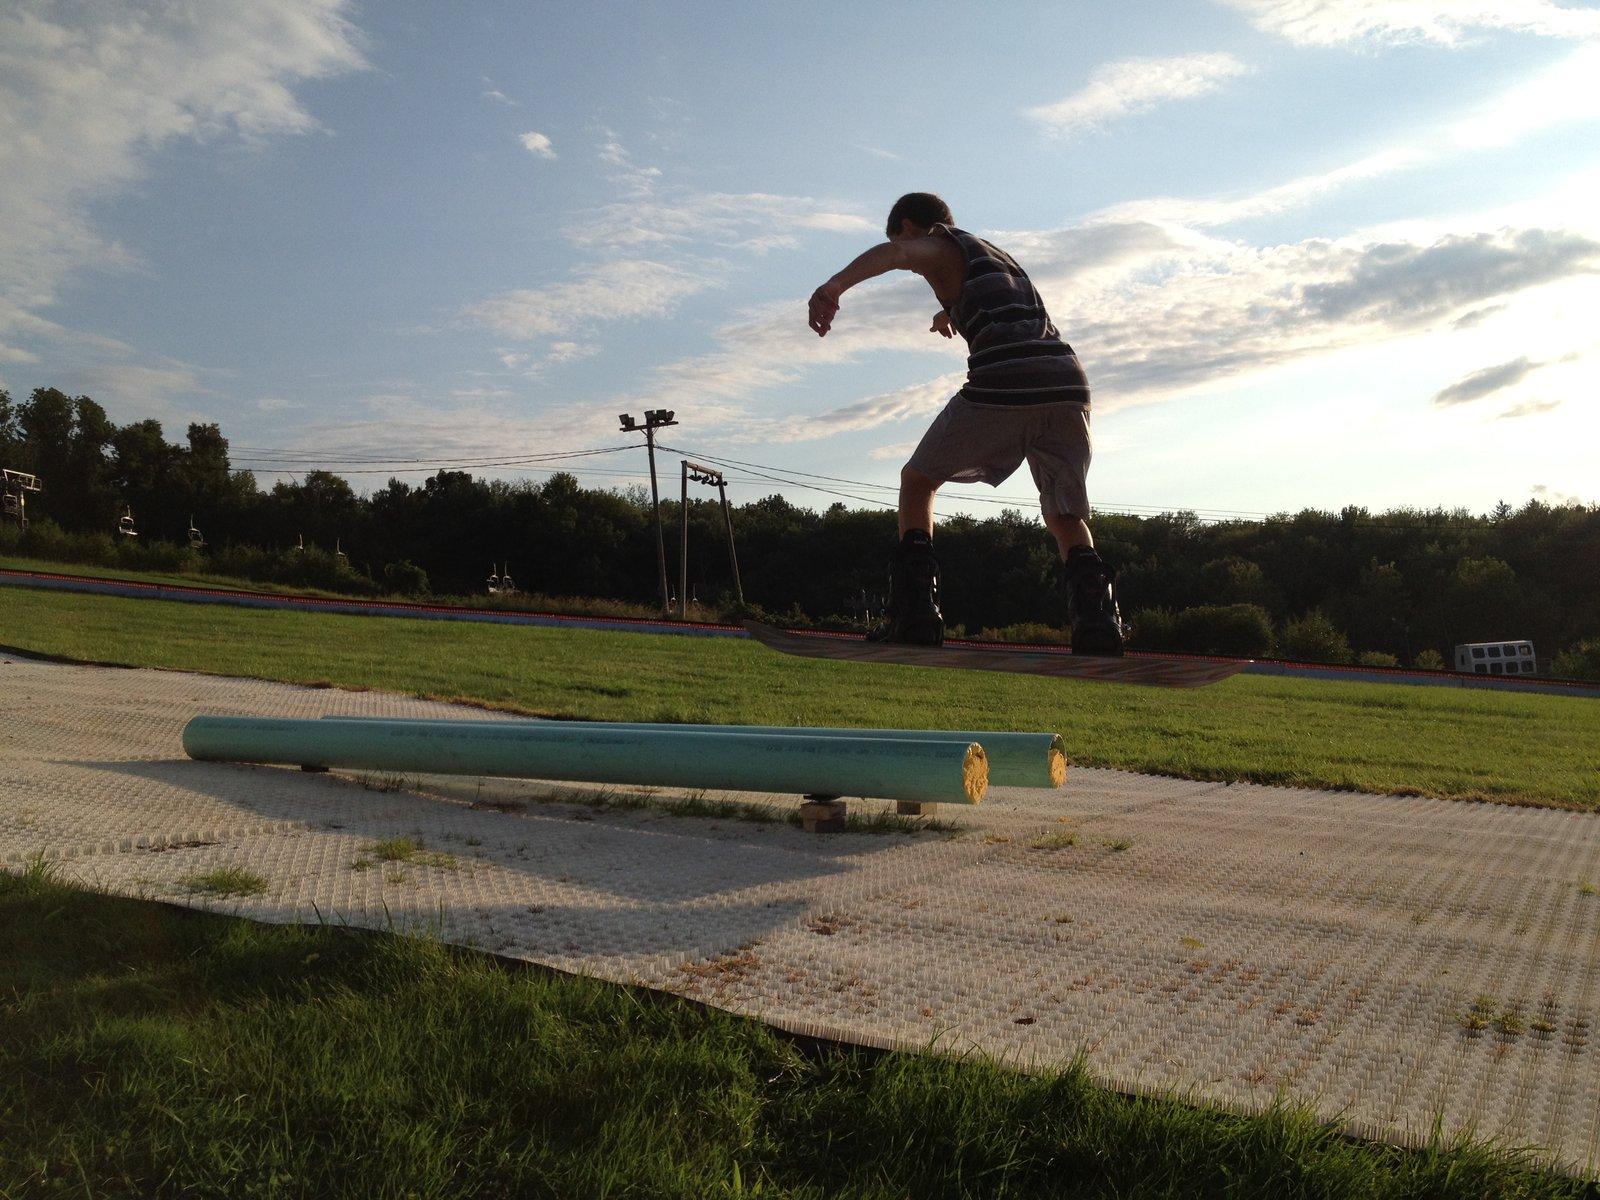 Summer Dual Pipes @ Ski Ward